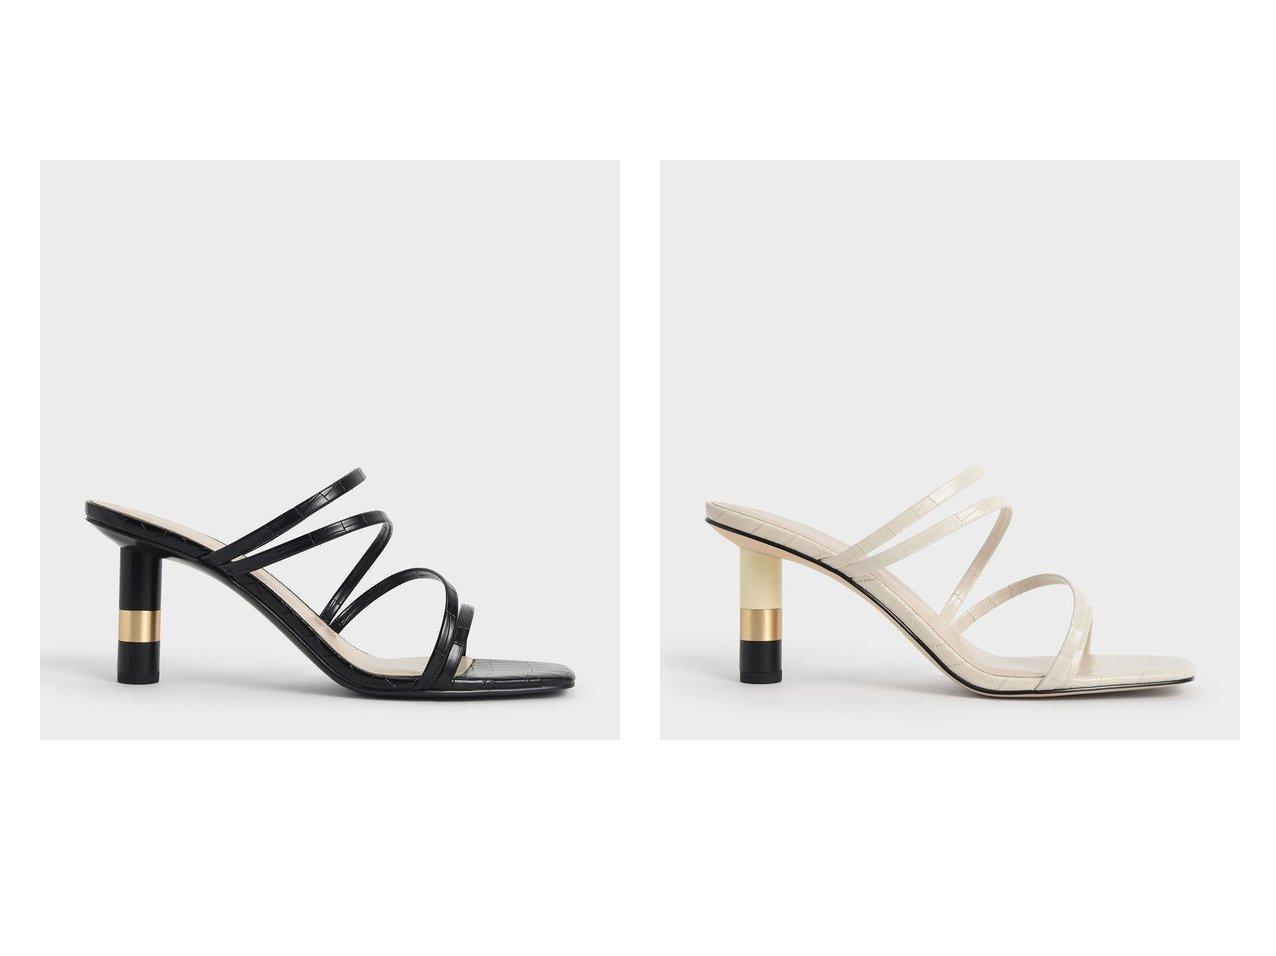 【CHARLES & KEITH/チャールズ アンド キース】のクロックエフェクト シリンドリカルヒールミュール Croc-Effect Cylindrical Heel Mules (AnimalP 【シューズ・靴】おすすめ!人気、トレンド・レディースファッションの通販 おすすめで人気の流行・トレンド、ファッションの通販商品 インテリア・家具・メンズファッション・キッズファッション・レディースファッション・服の通販 founy(ファニー) https://founy.com/ ファッション Fashion レディースファッション WOMEN 春 Spring 今夏 サンダル トレンド フェミニン ラップ 2021年 2021 S/S・春夏 SS・Spring/Summer 2021春夏・S/S SS/Spring/Summer/2021 夏 Summer  ID:crp329100000048146